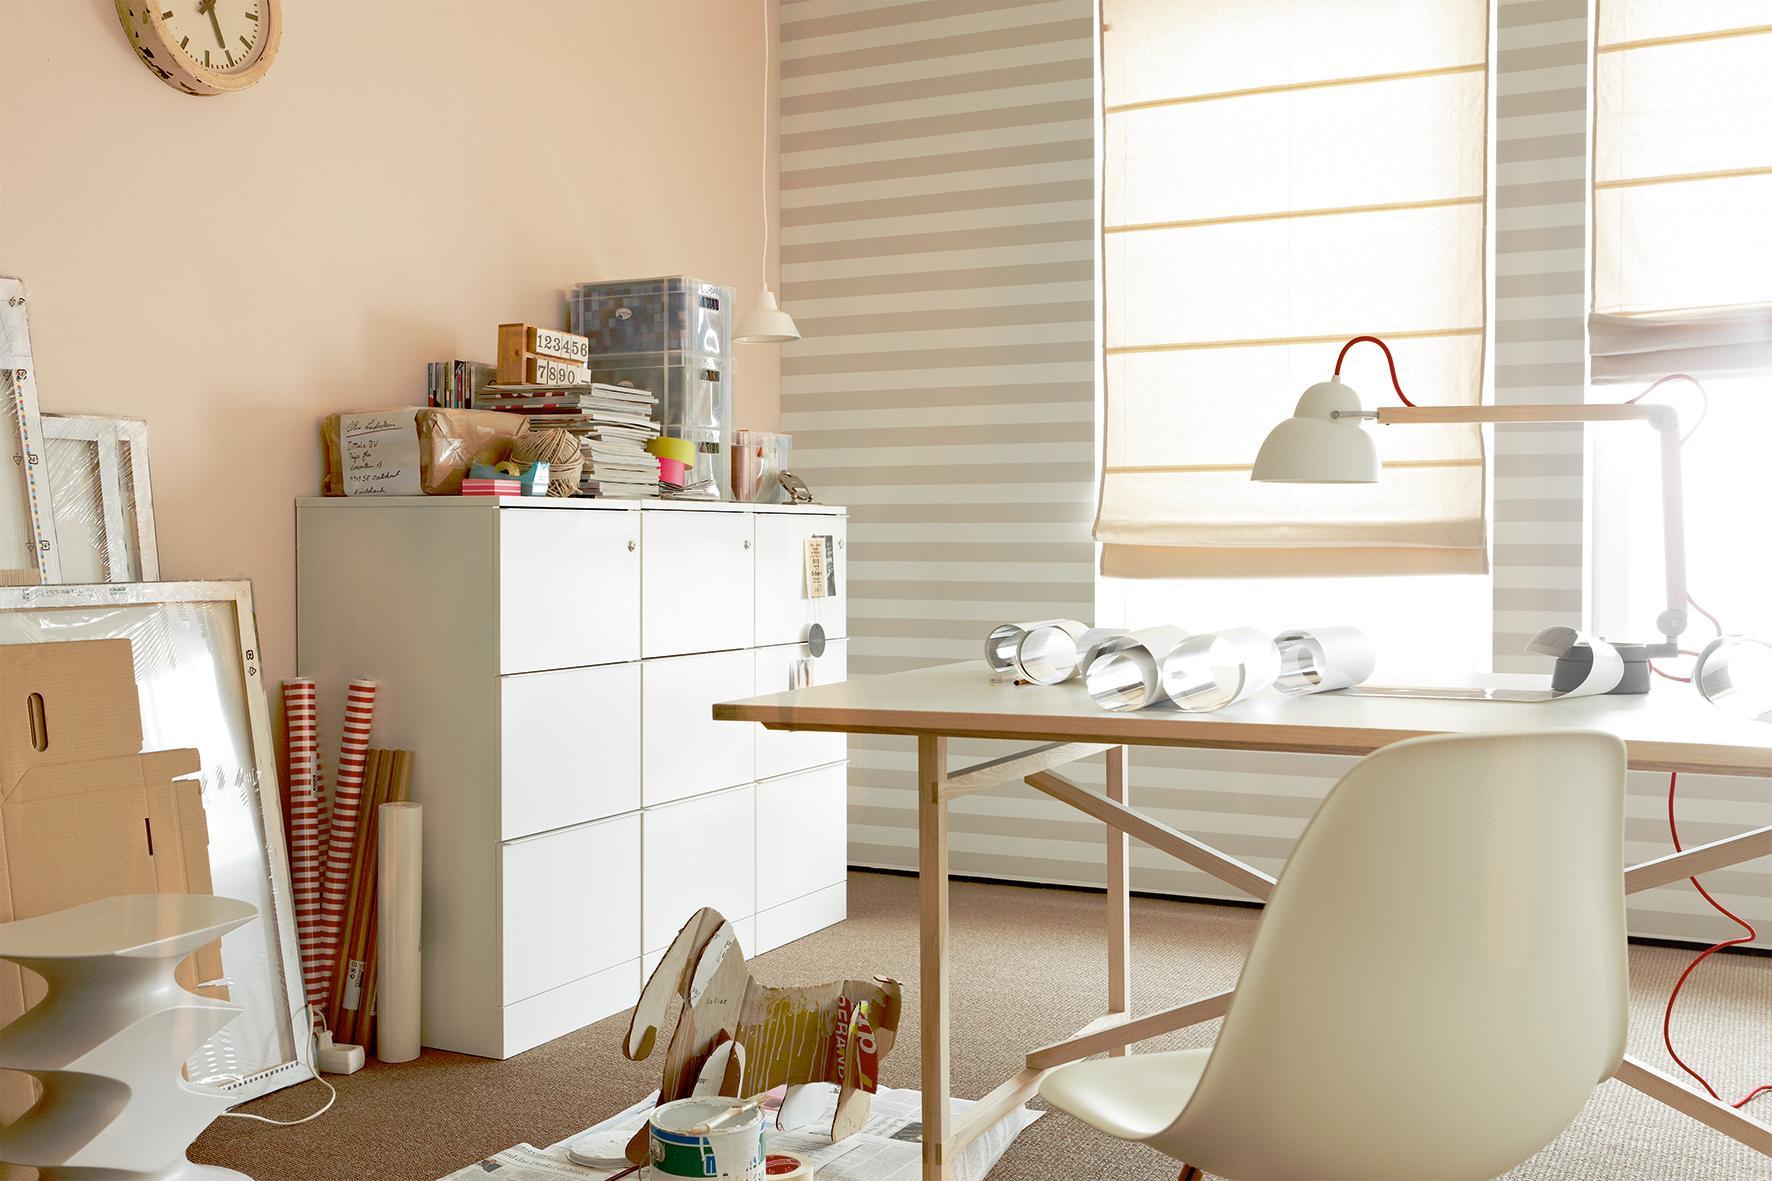 Sand, SCHÖNER WOHNEN Trendfarbe #stuhl #büro #wandfarbe #schreibtisch  #arbeitszimmer